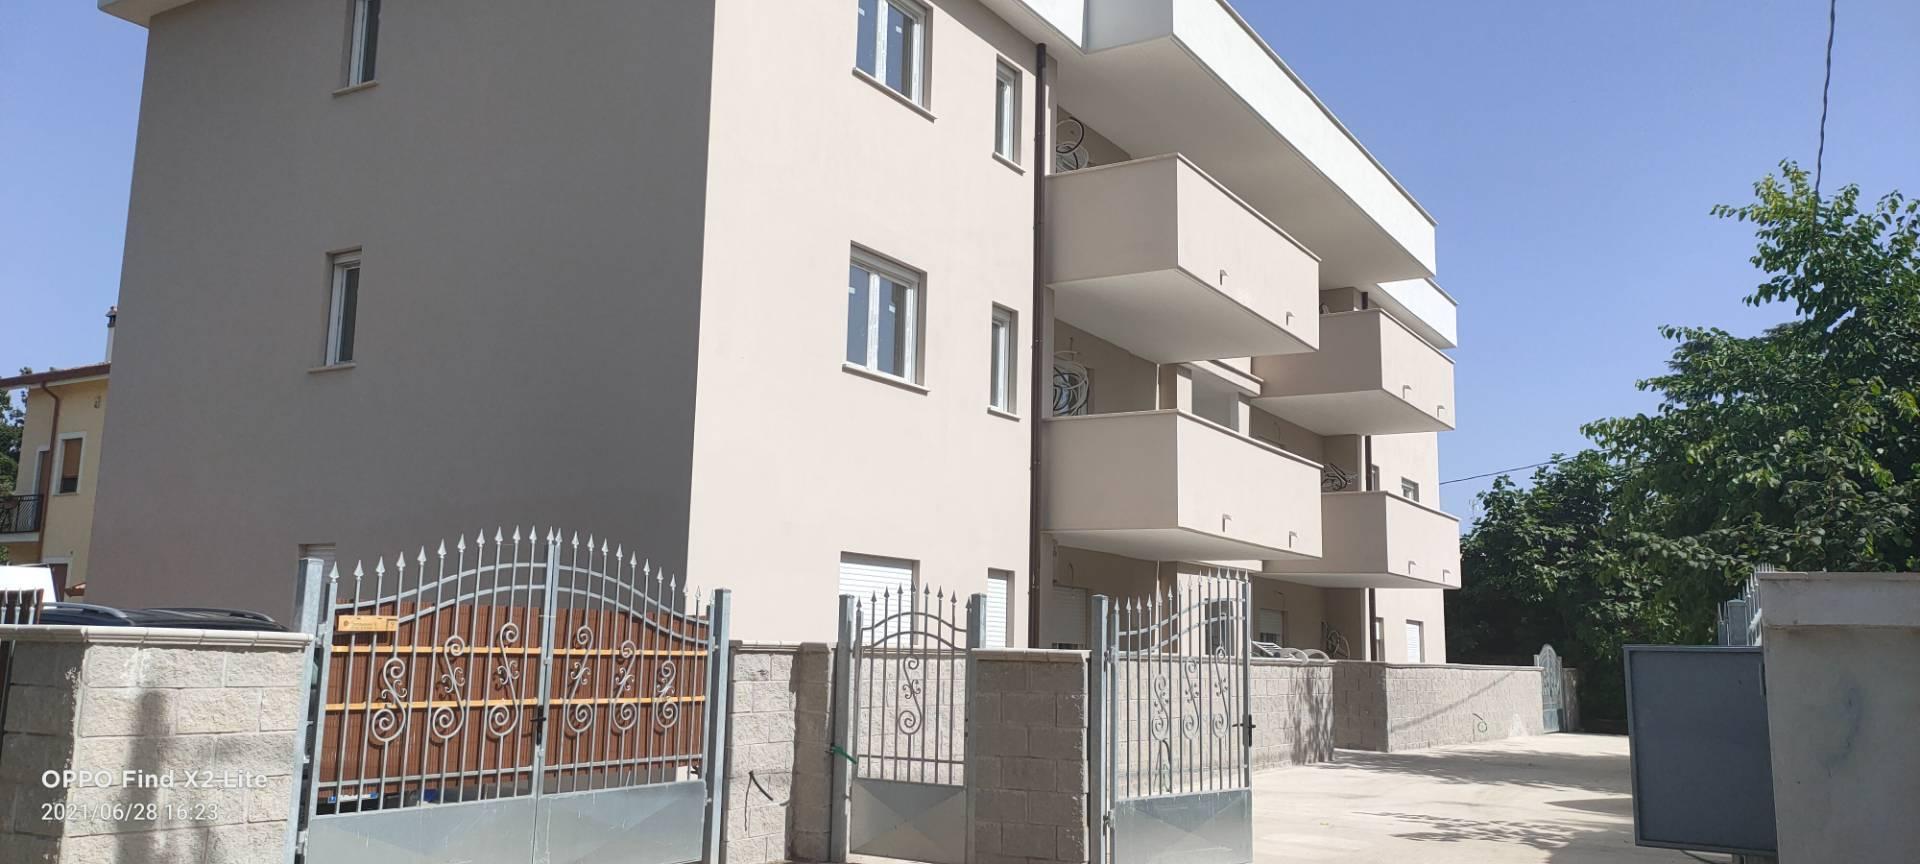 Appartamento in vendita a Cisterna di Latina, 4 locali, prezzo € 180.000   CambioCasa.it